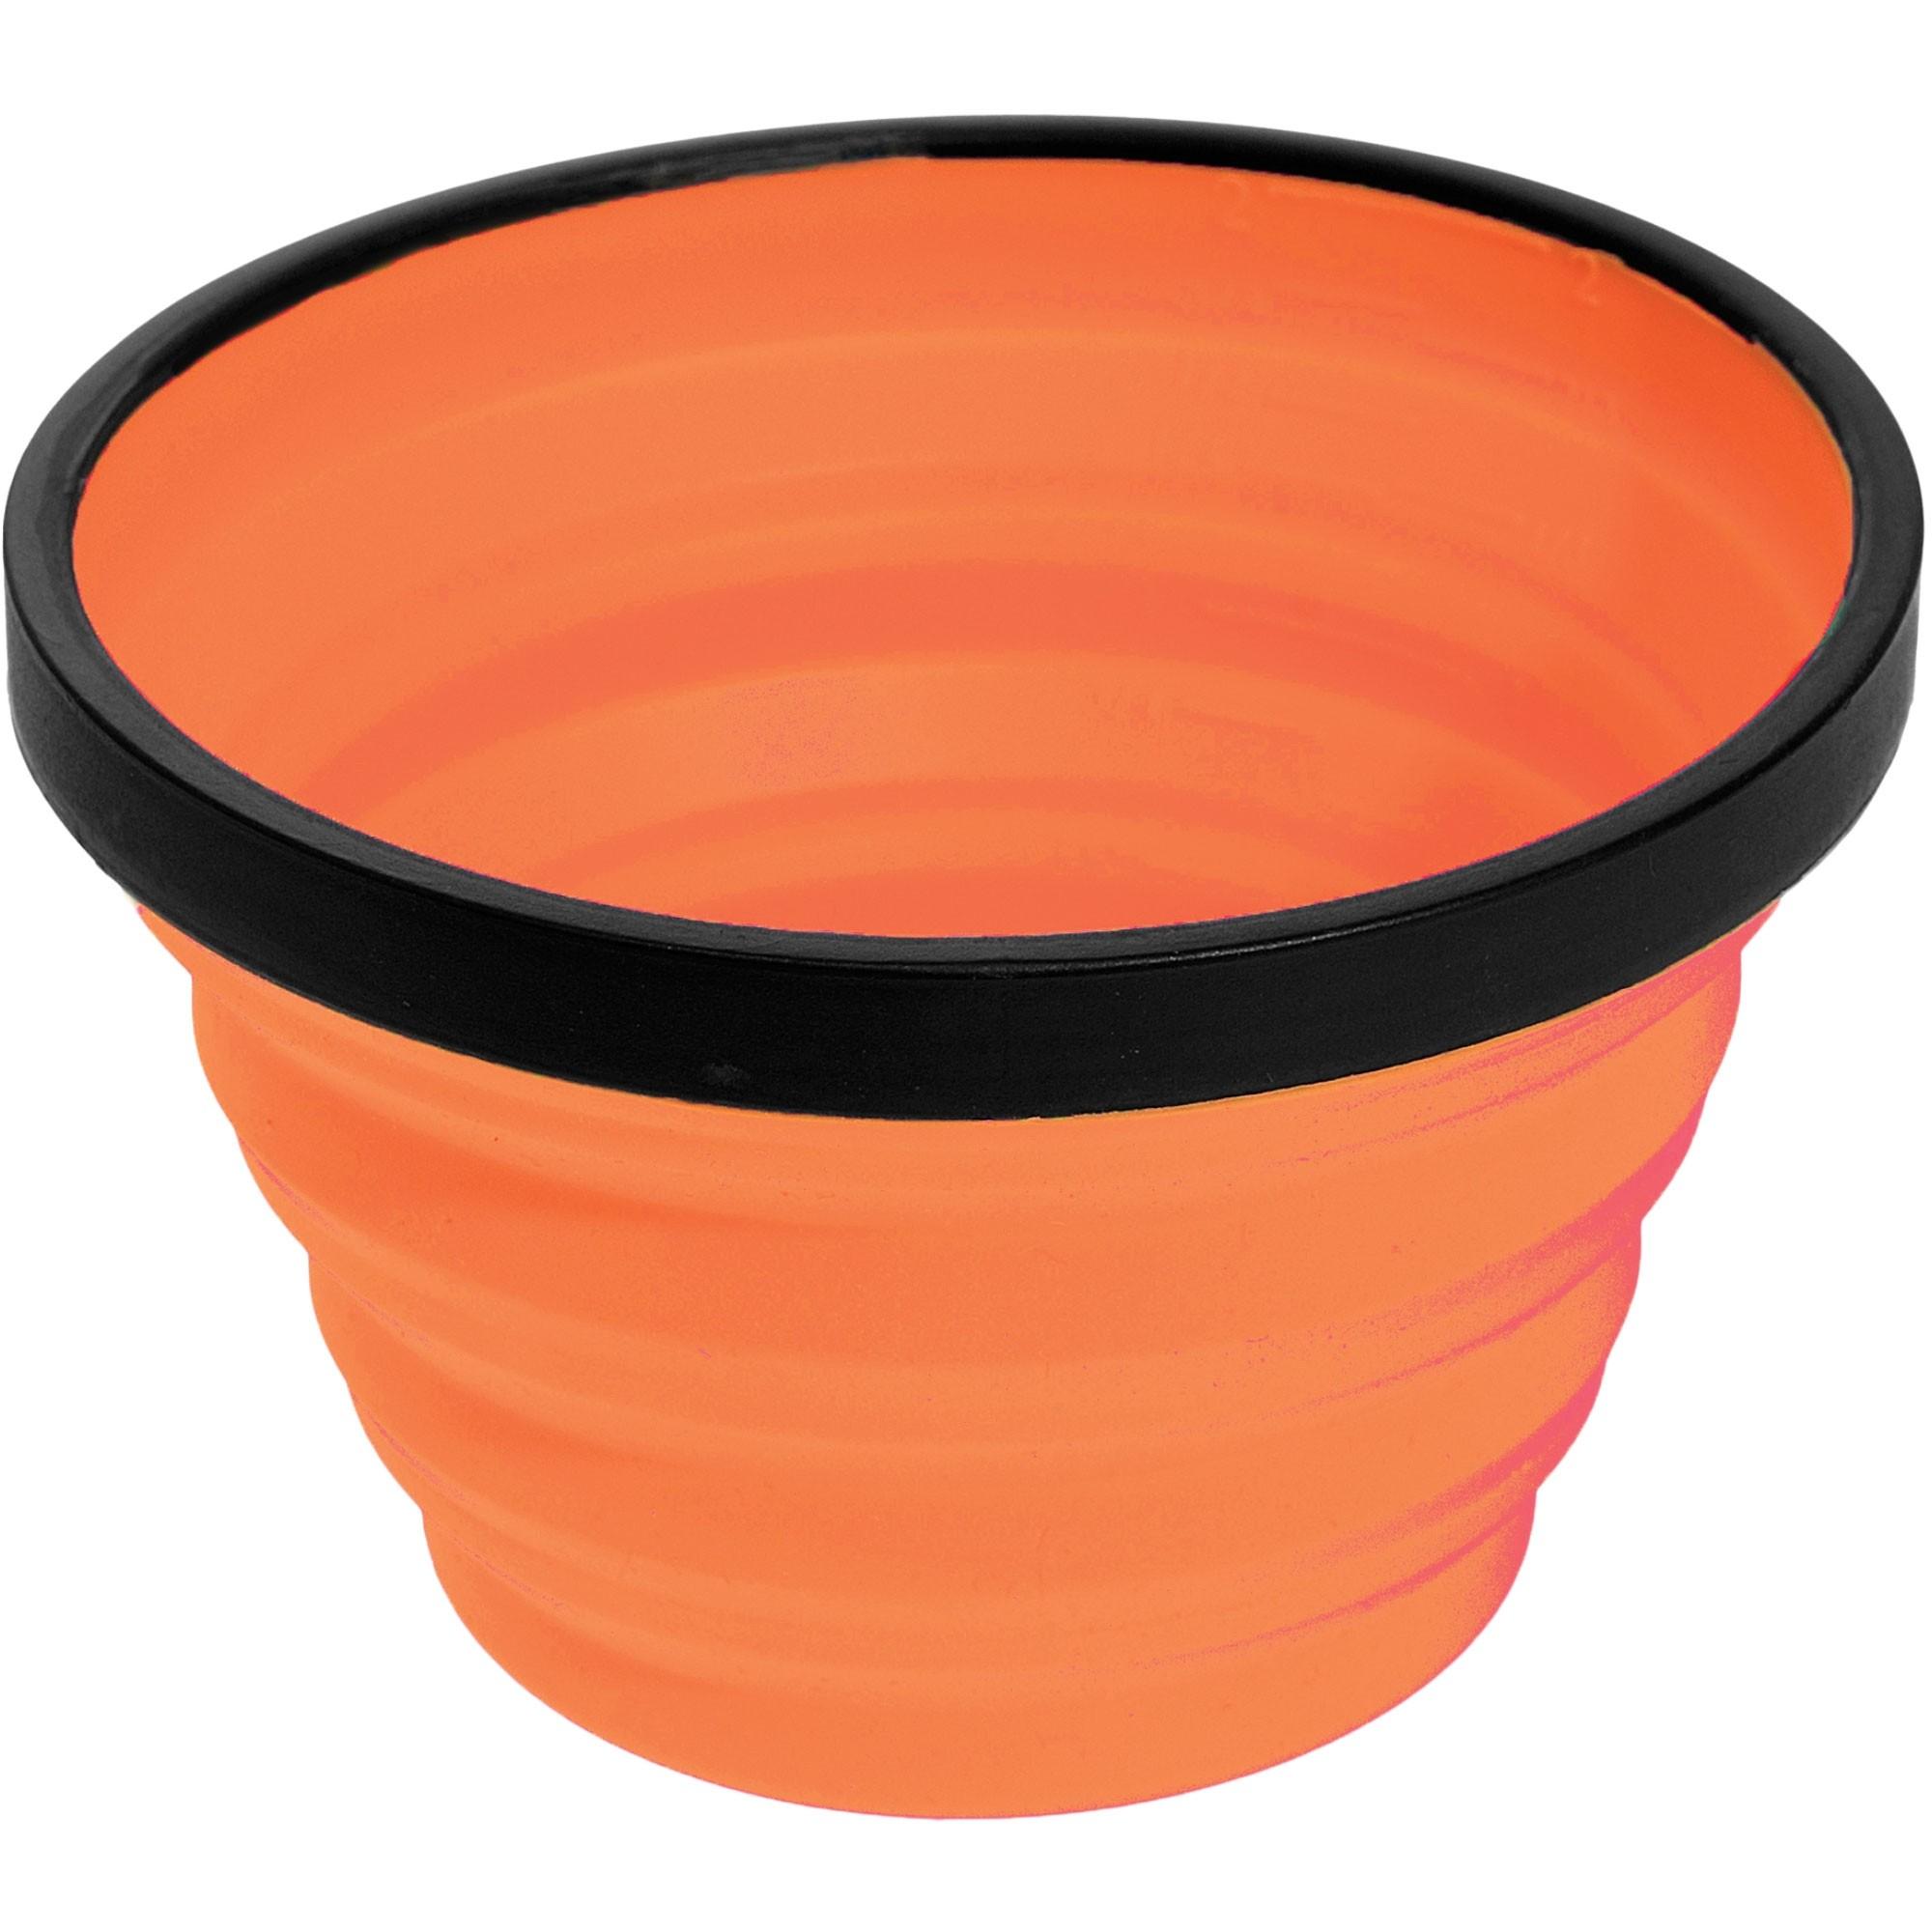 Sea to Summit X-Mug - Orange